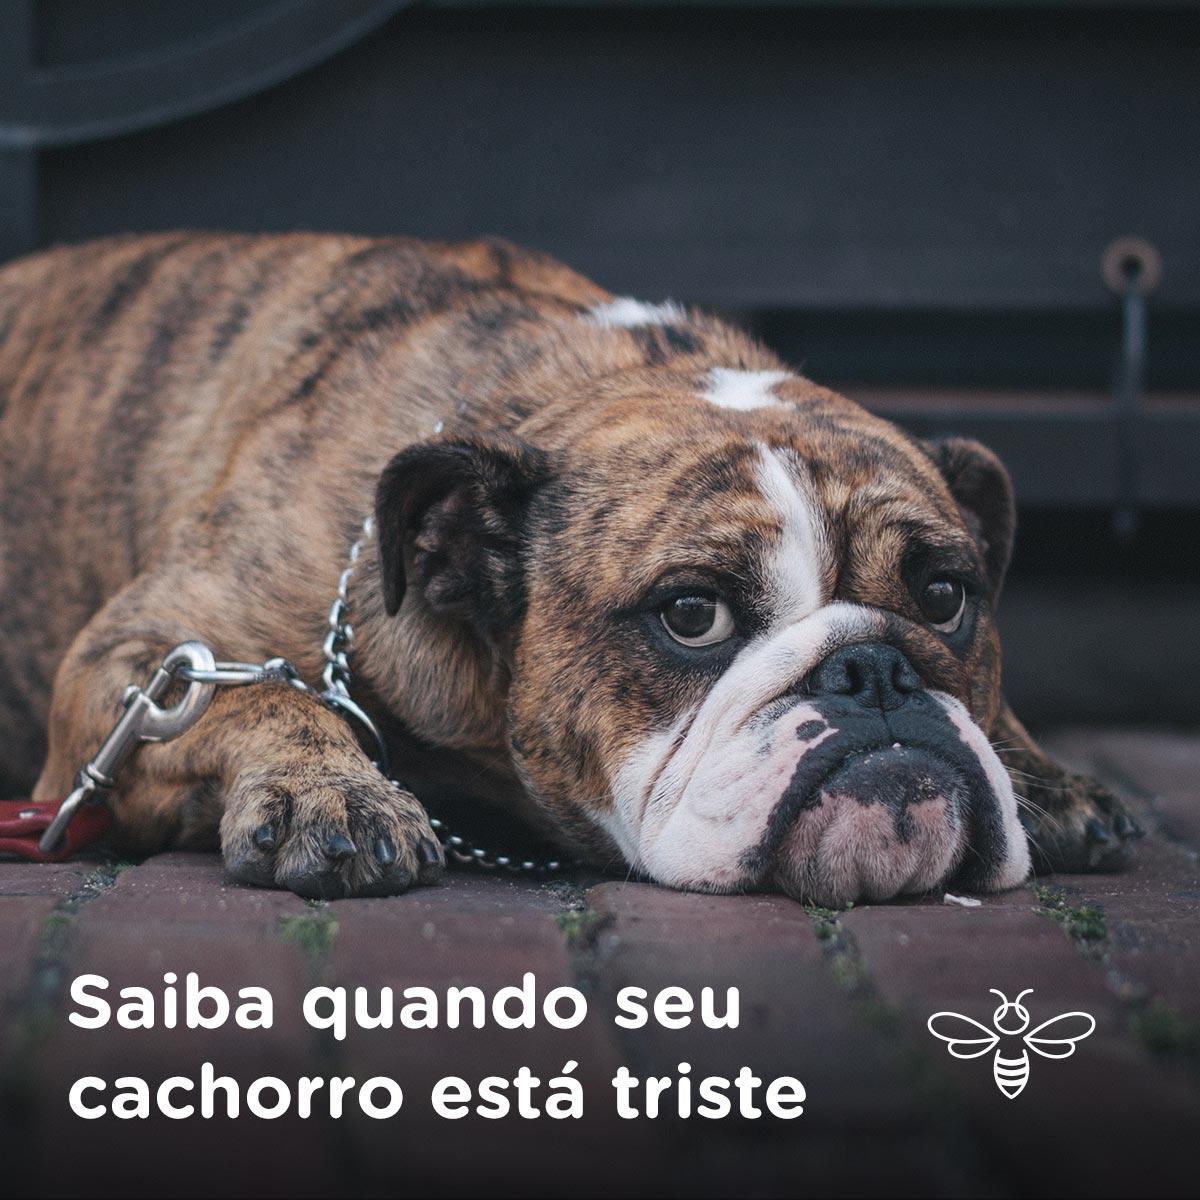 Saiba quando seu cachorro está triste